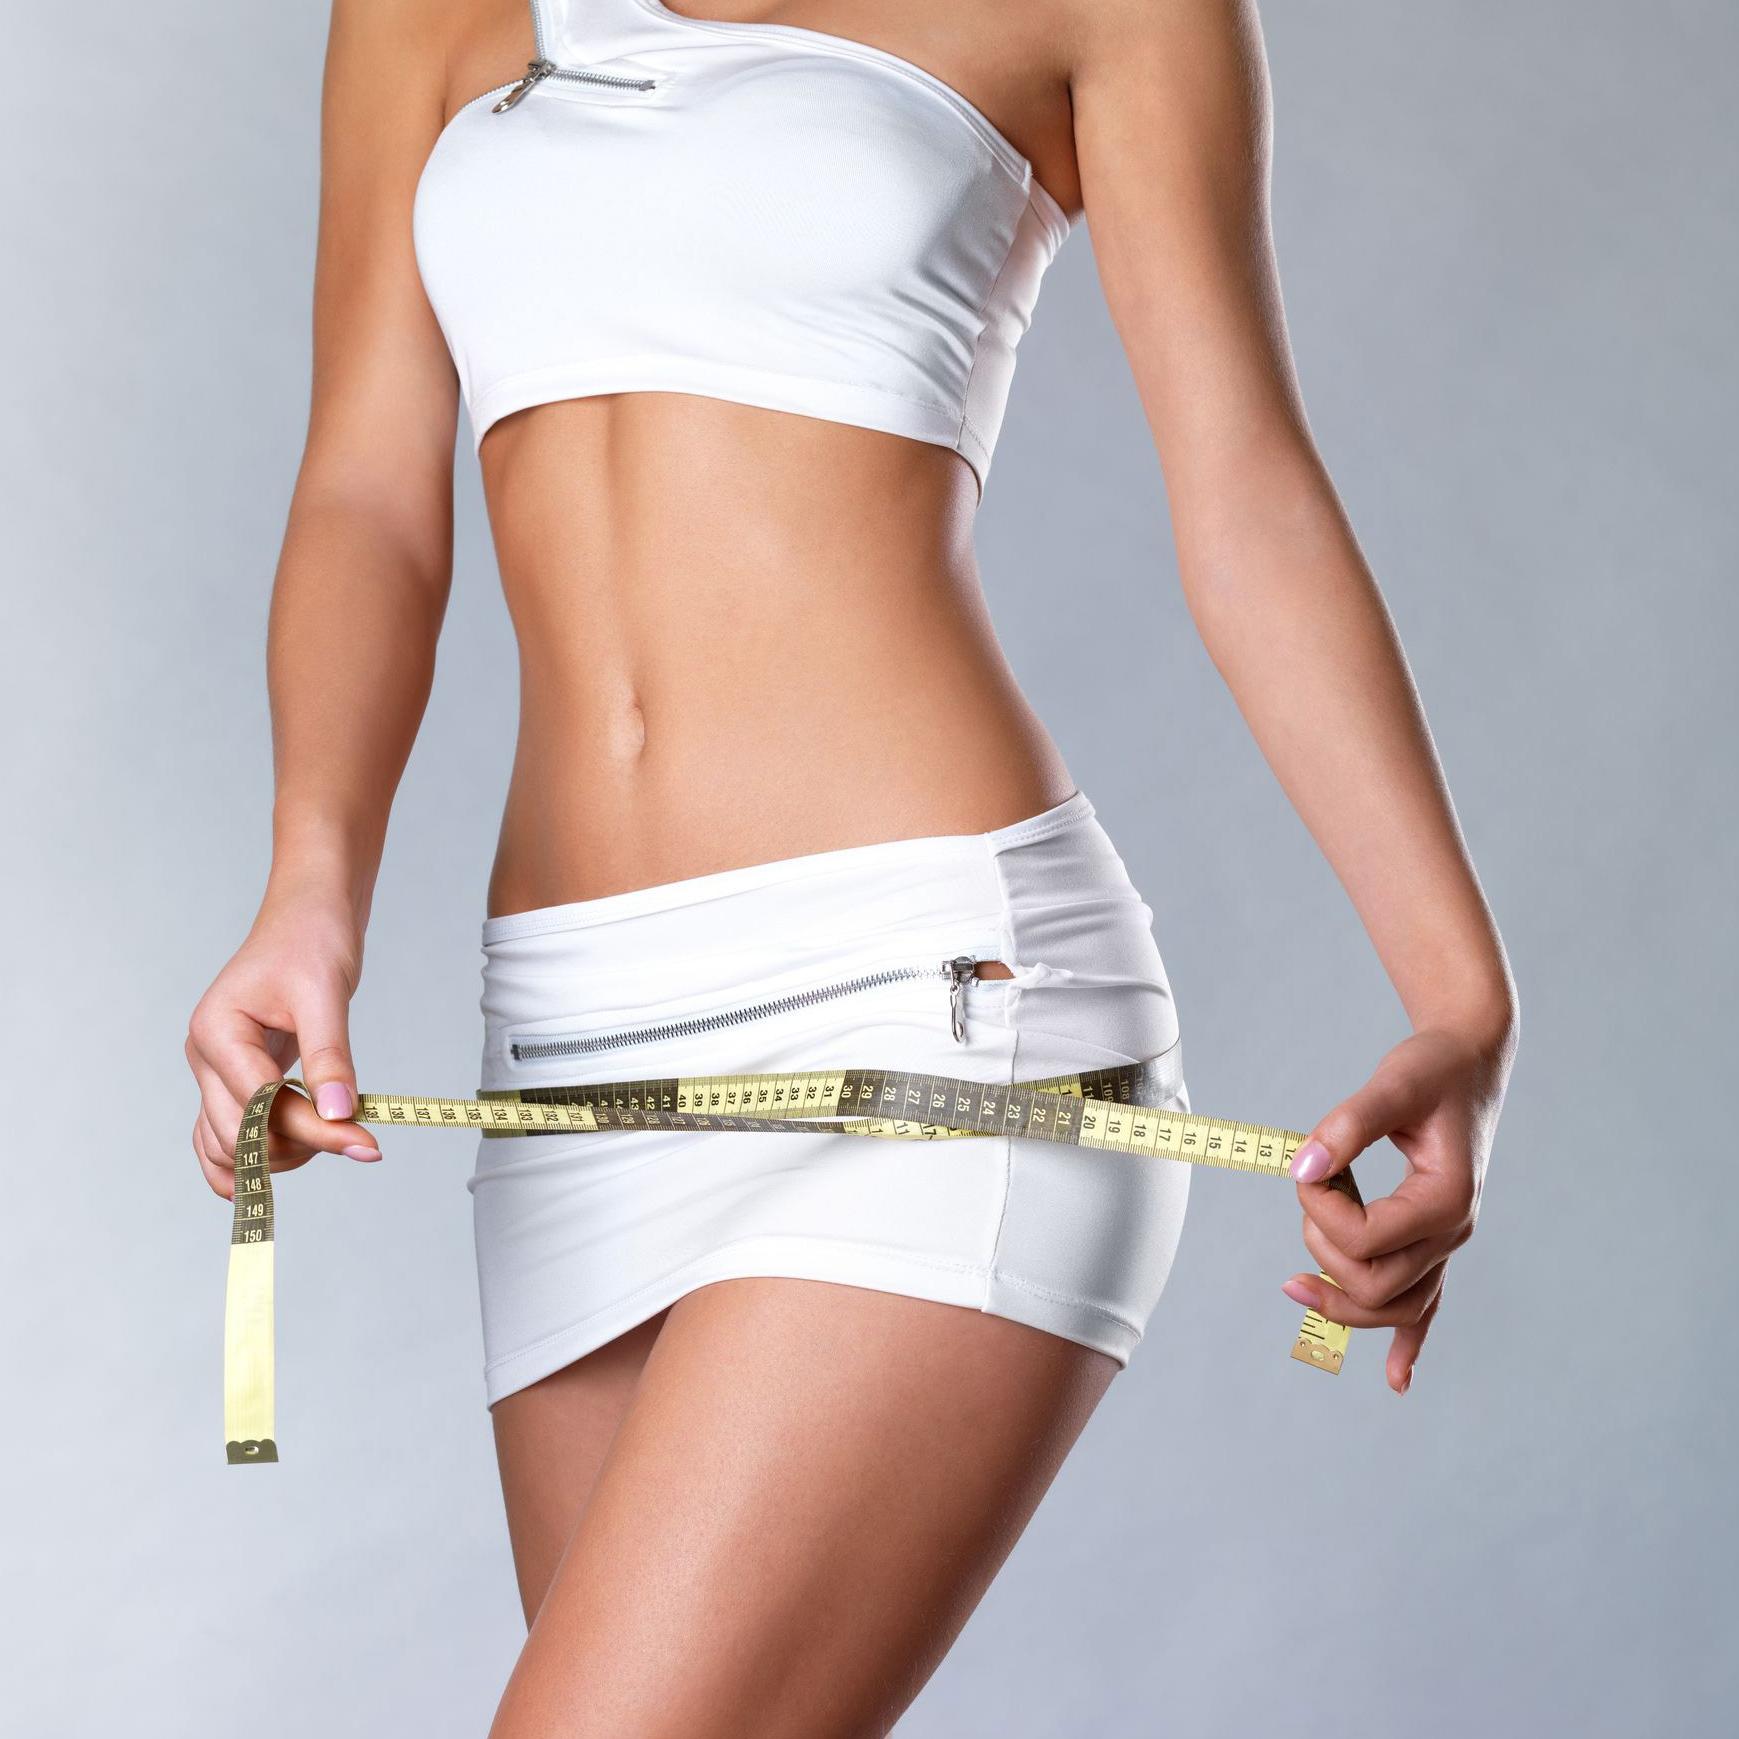 Лучший эффект похудения